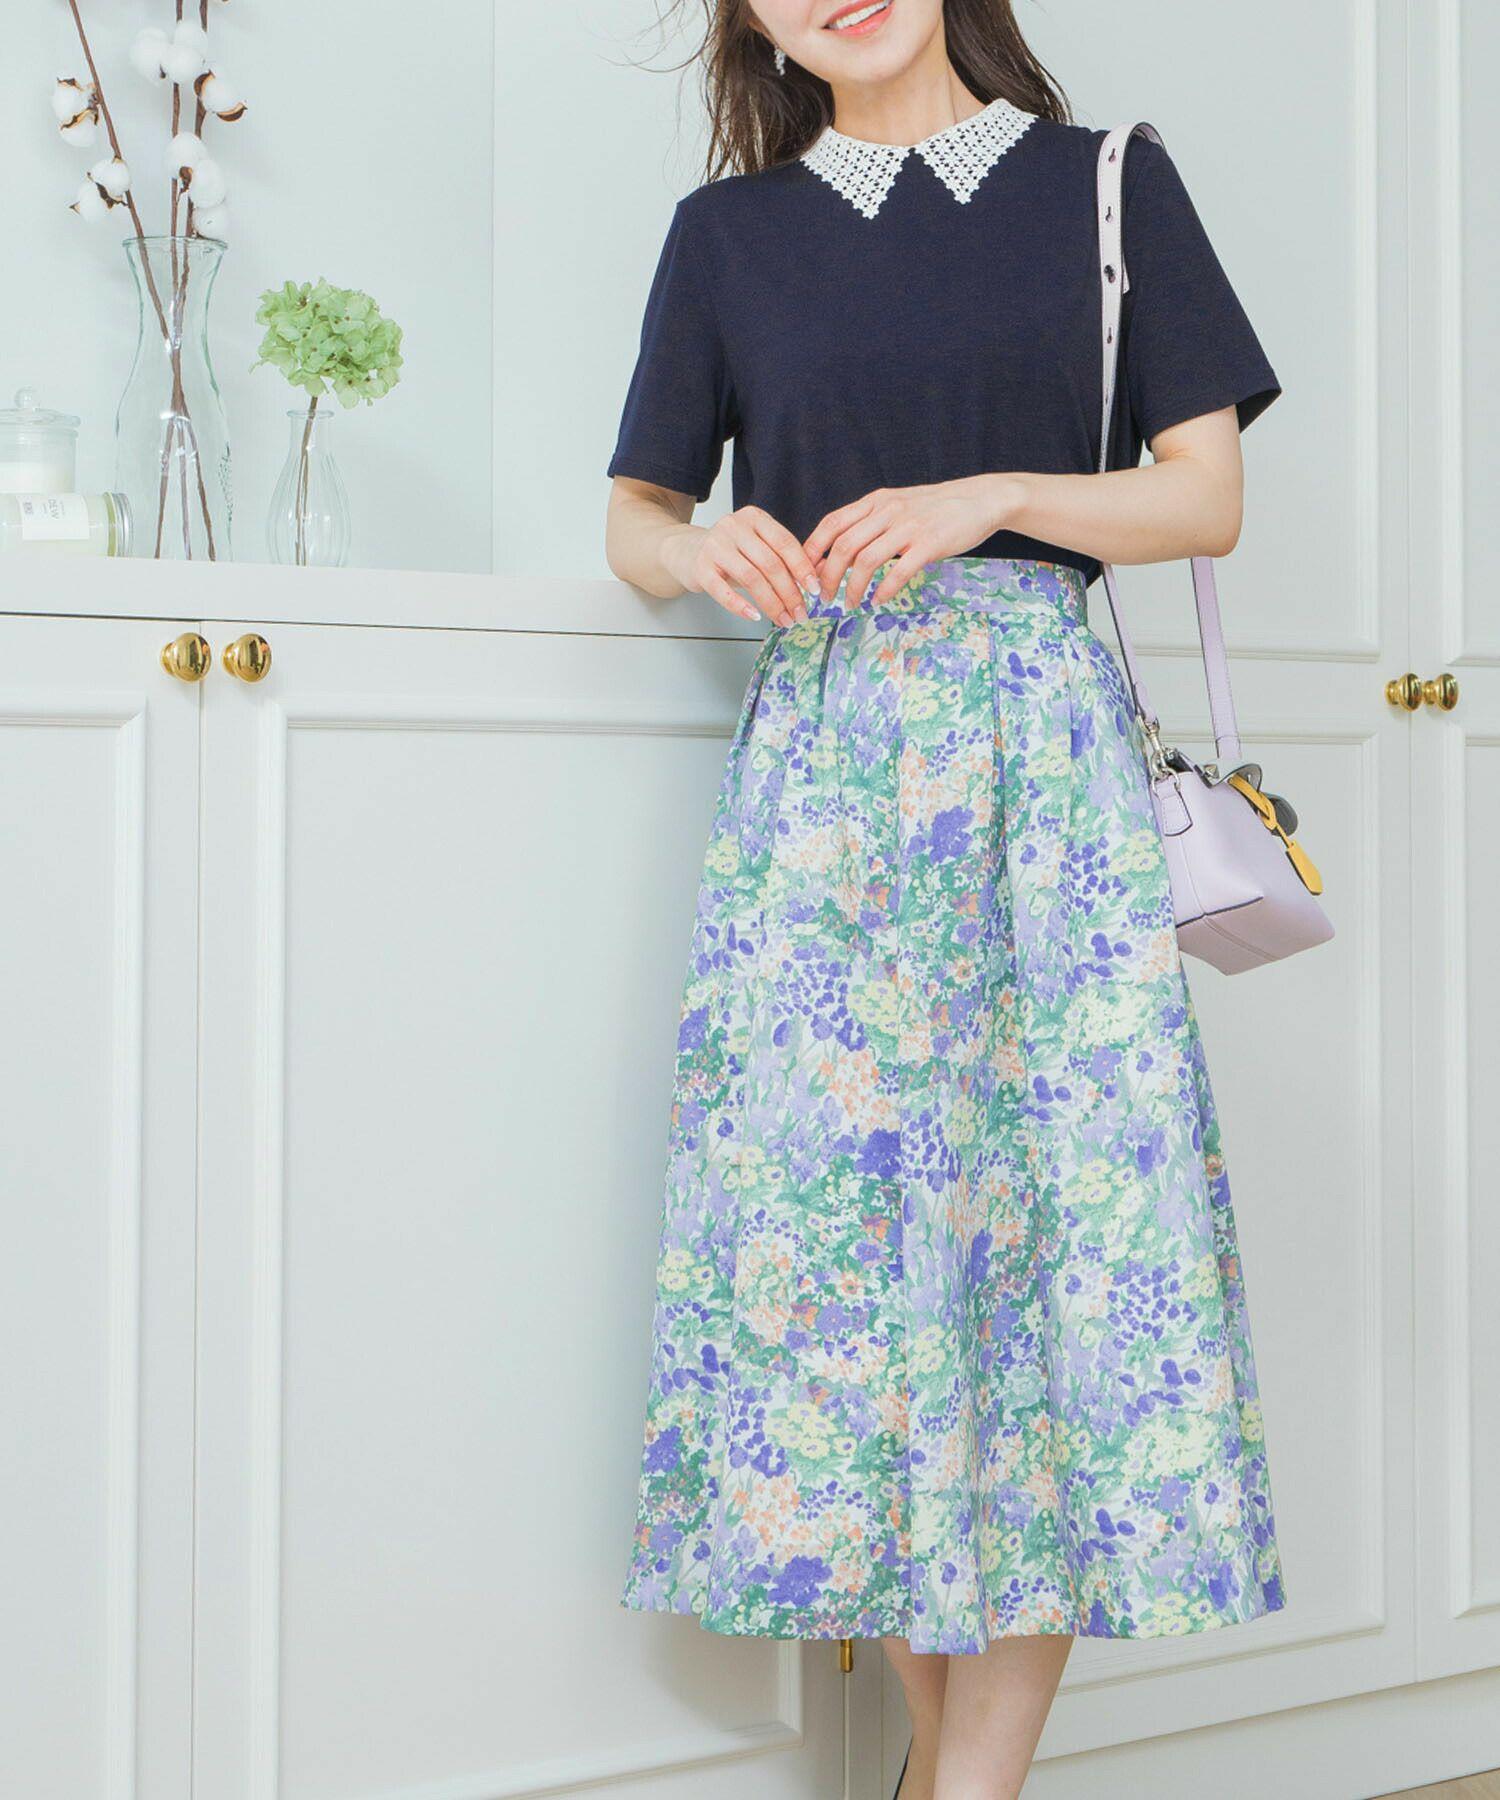 日本製/洗濯可/手洗い可/半袖/レース/襟付き/モノトーン/フェミニン/ホワイト/ブラック/上品/襟付きTシャツ